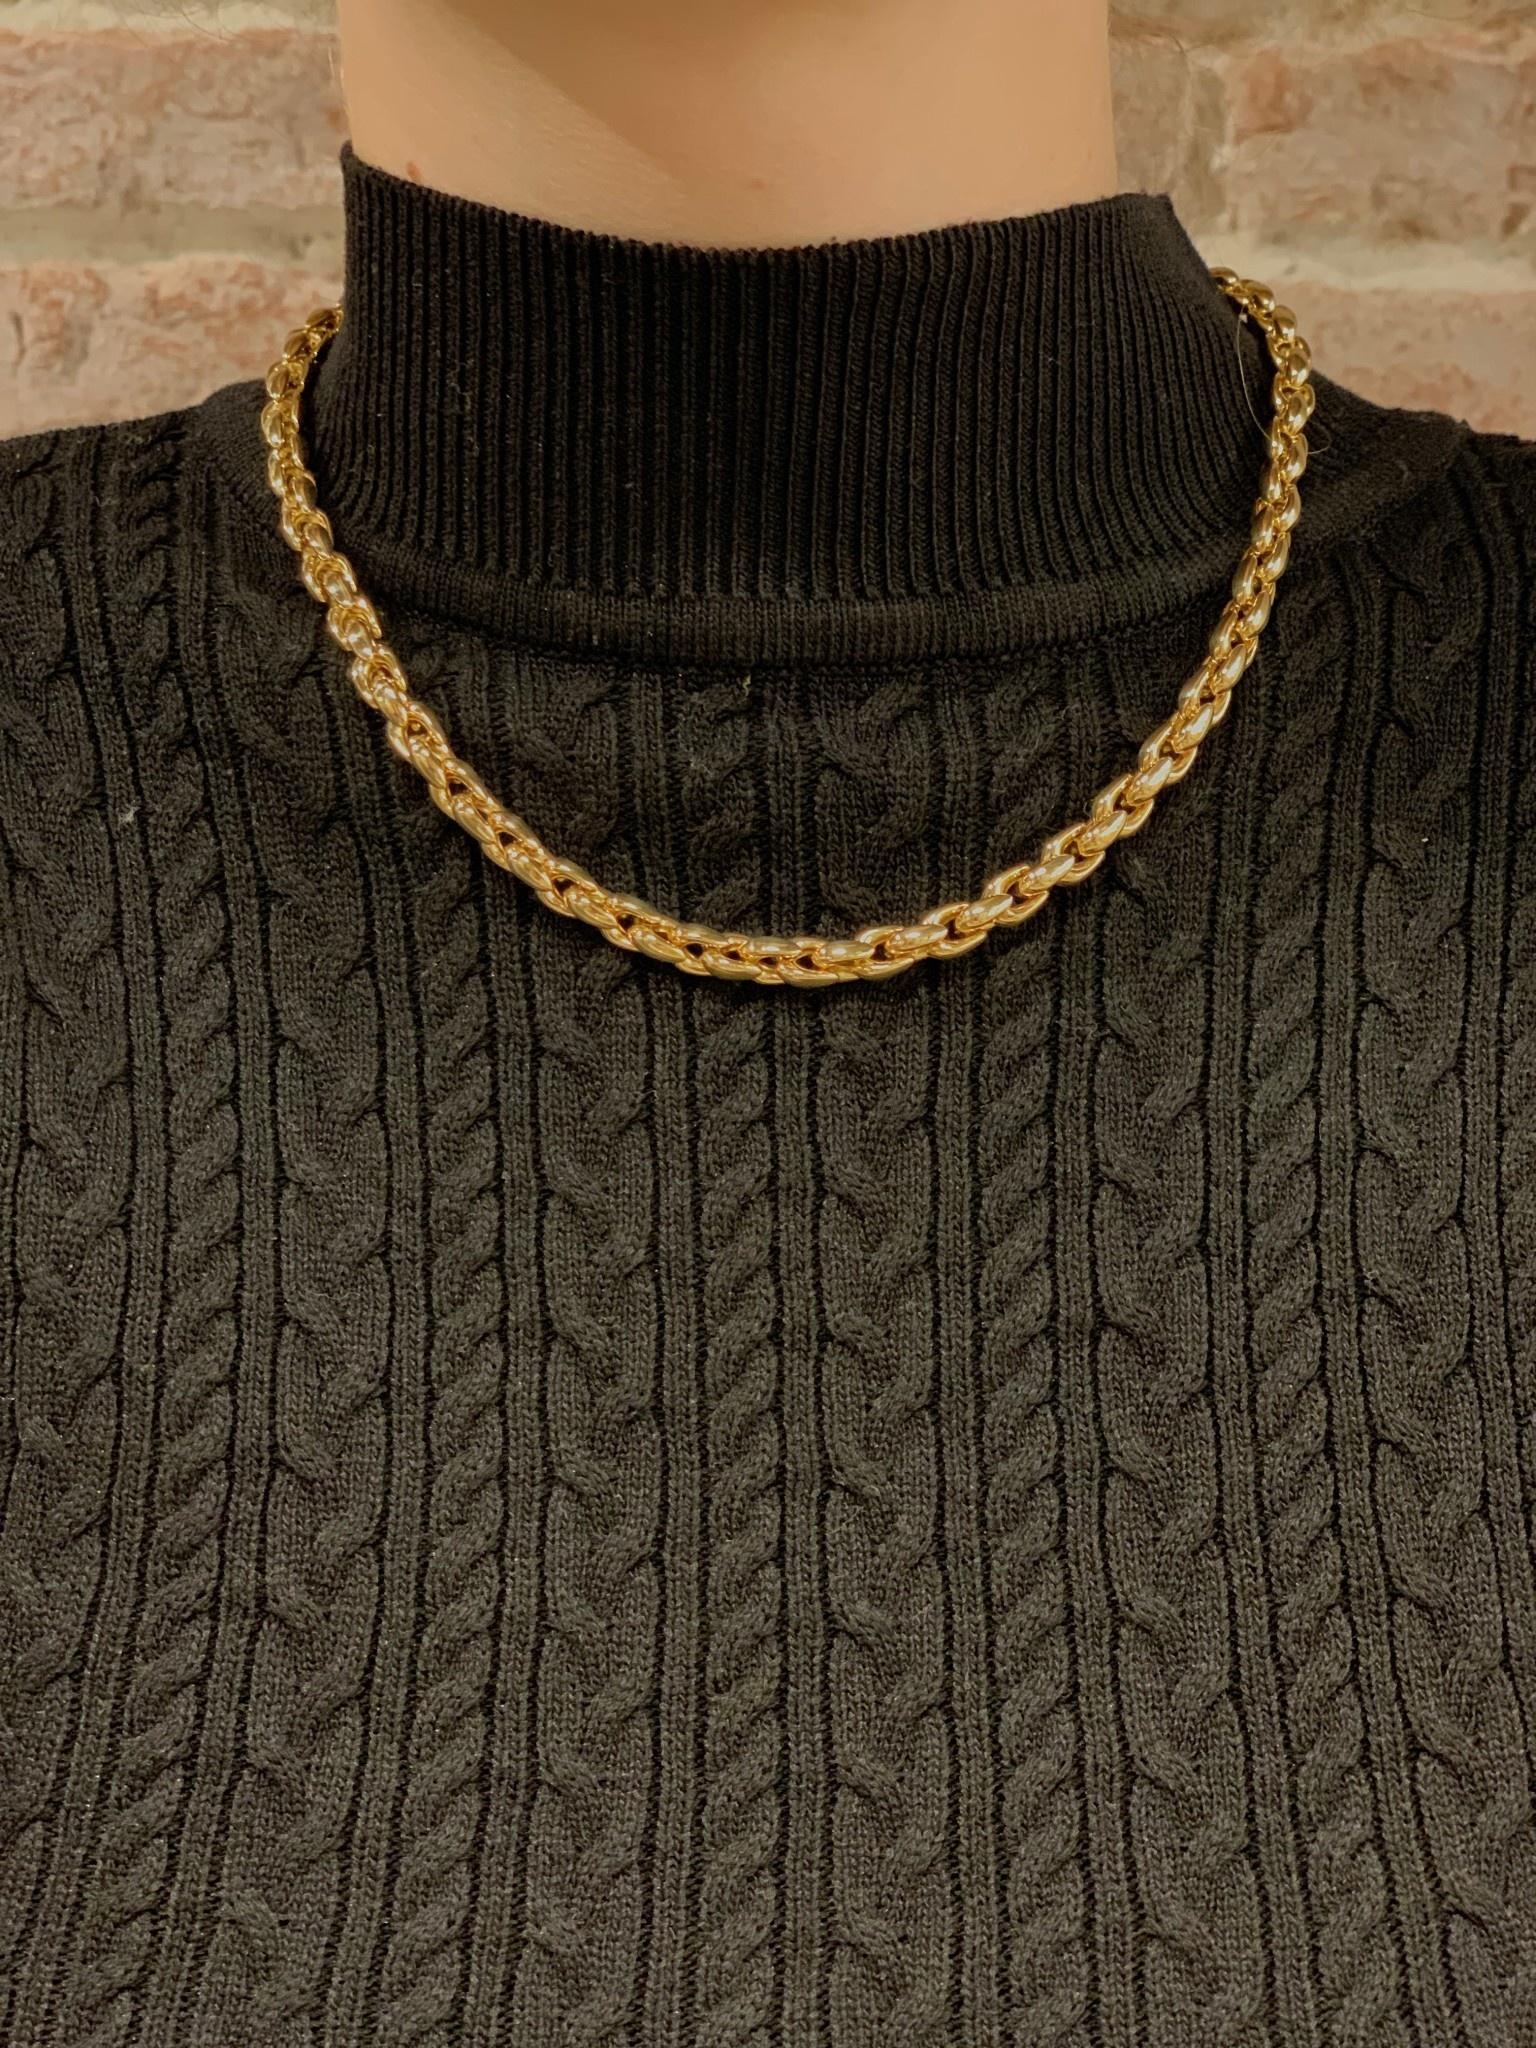 Monzario Oro Monzario collier 615Cgeel 45cm. geelgoud 14K